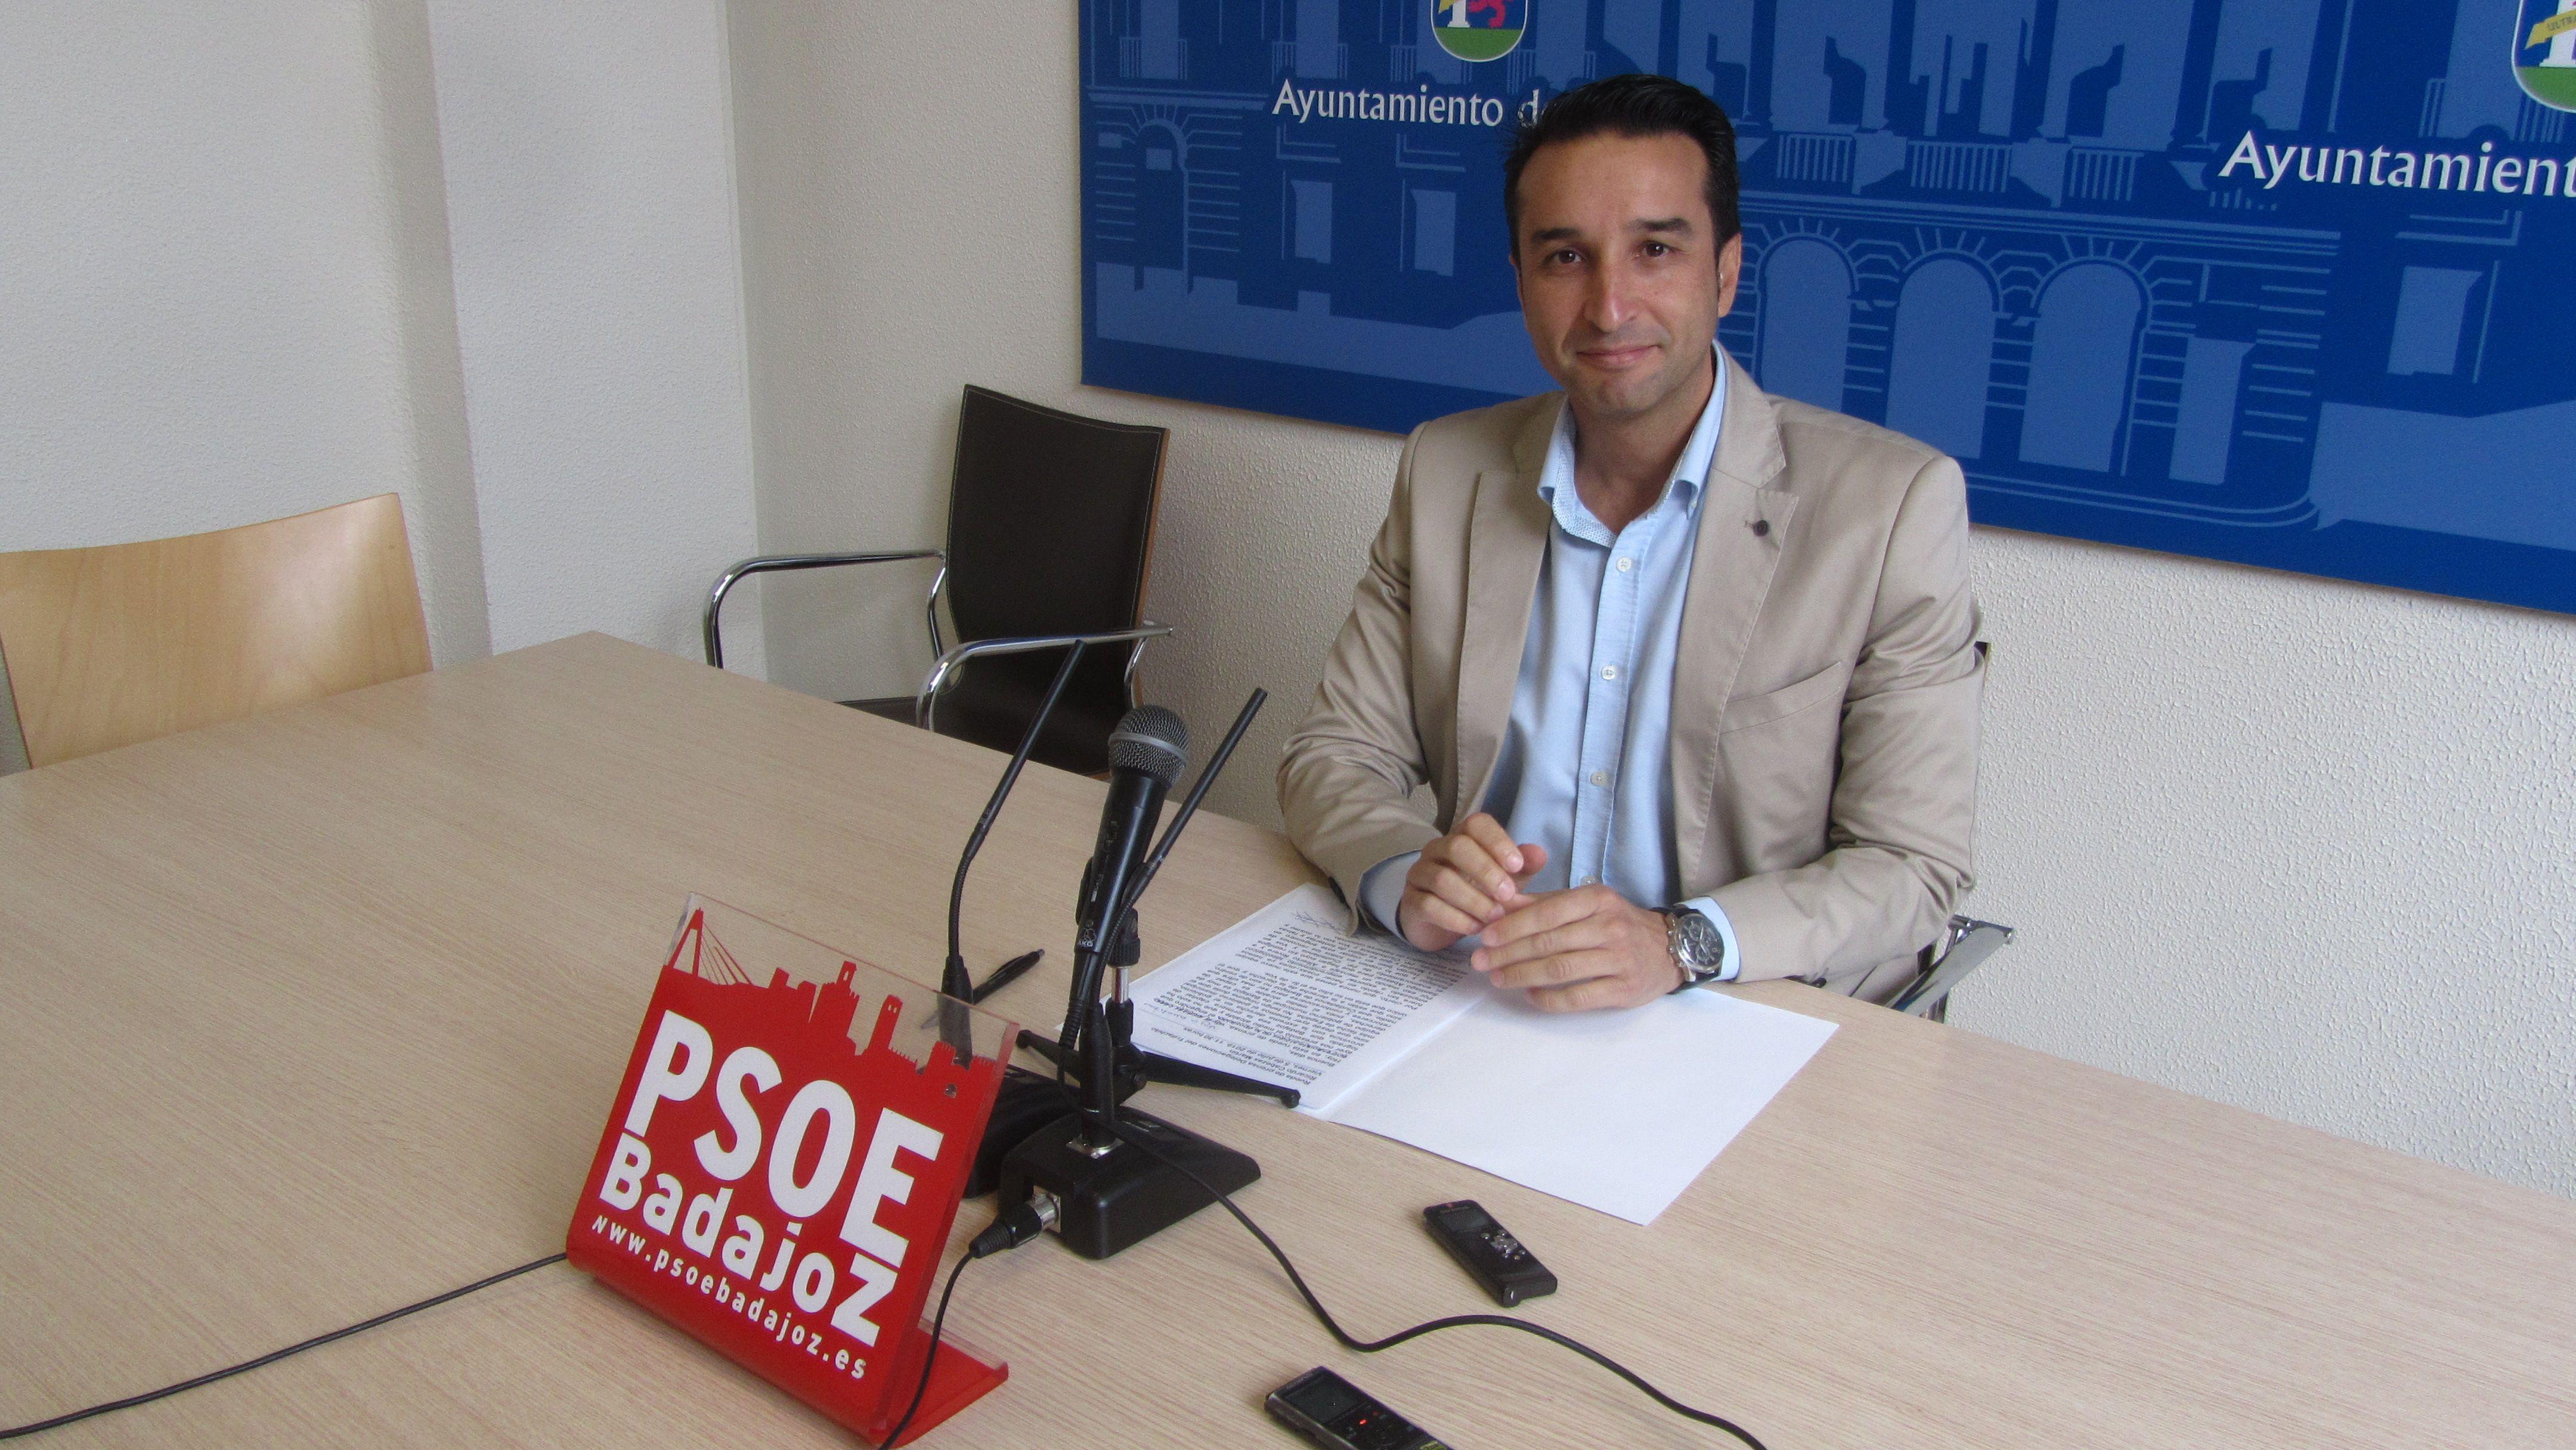 Cabezas, PSOE, exige al tripartito municipal pacense no ocultar más su programa de gobierno y reclama consensuar las inversiones reales previstas para 2020